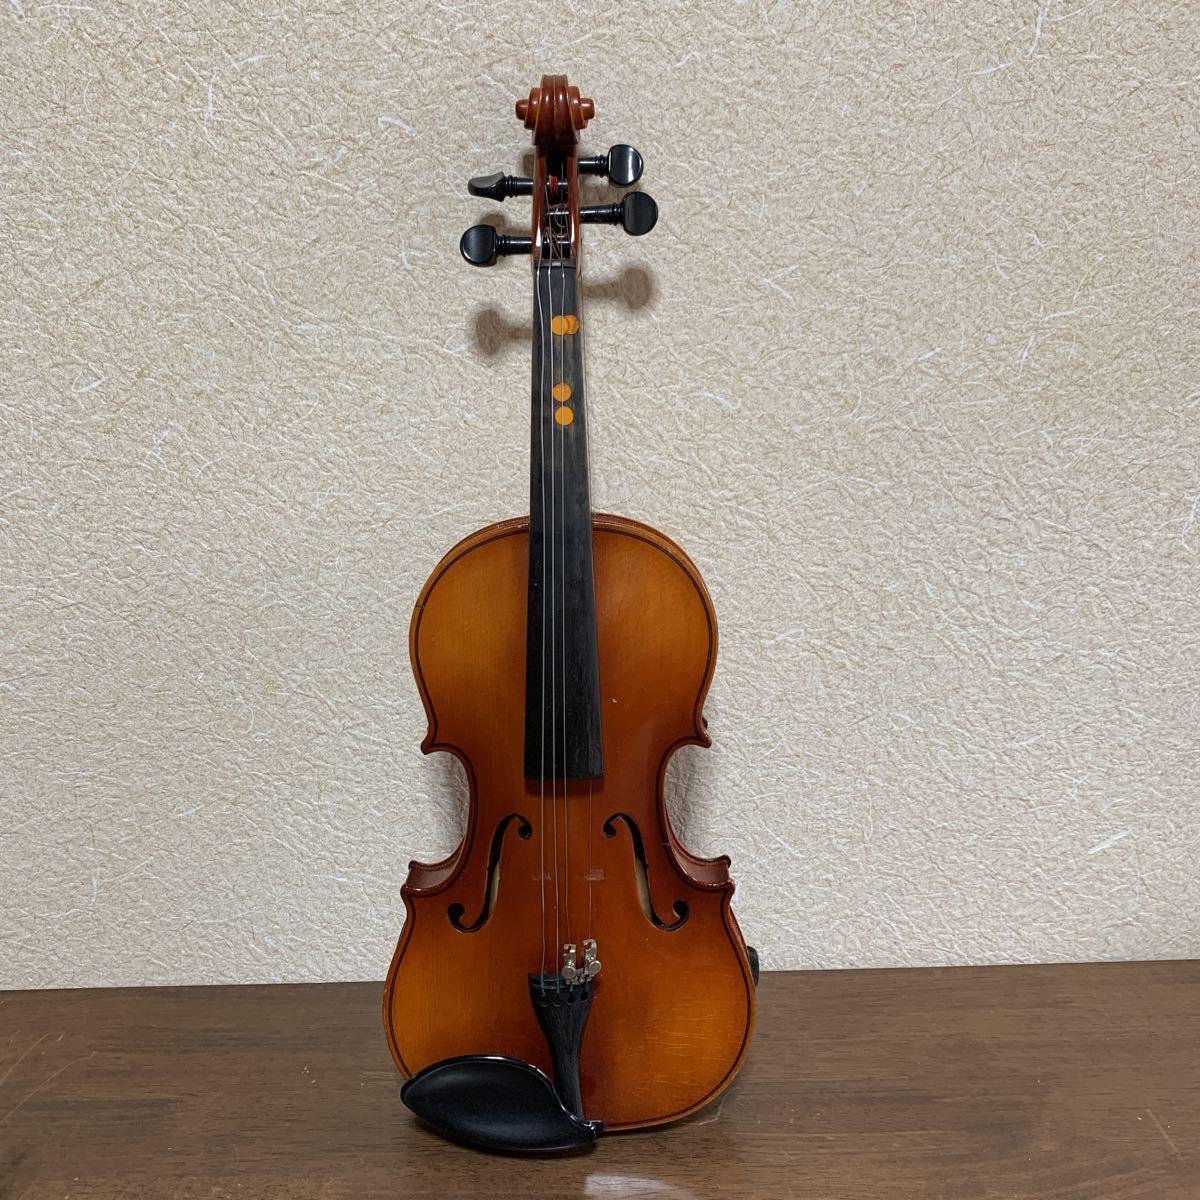 1円スタート SUZUKI 鈴木バイオリン スズキ バイオリン ハードケース付 弦楽器 中古 ジャンク_画像3